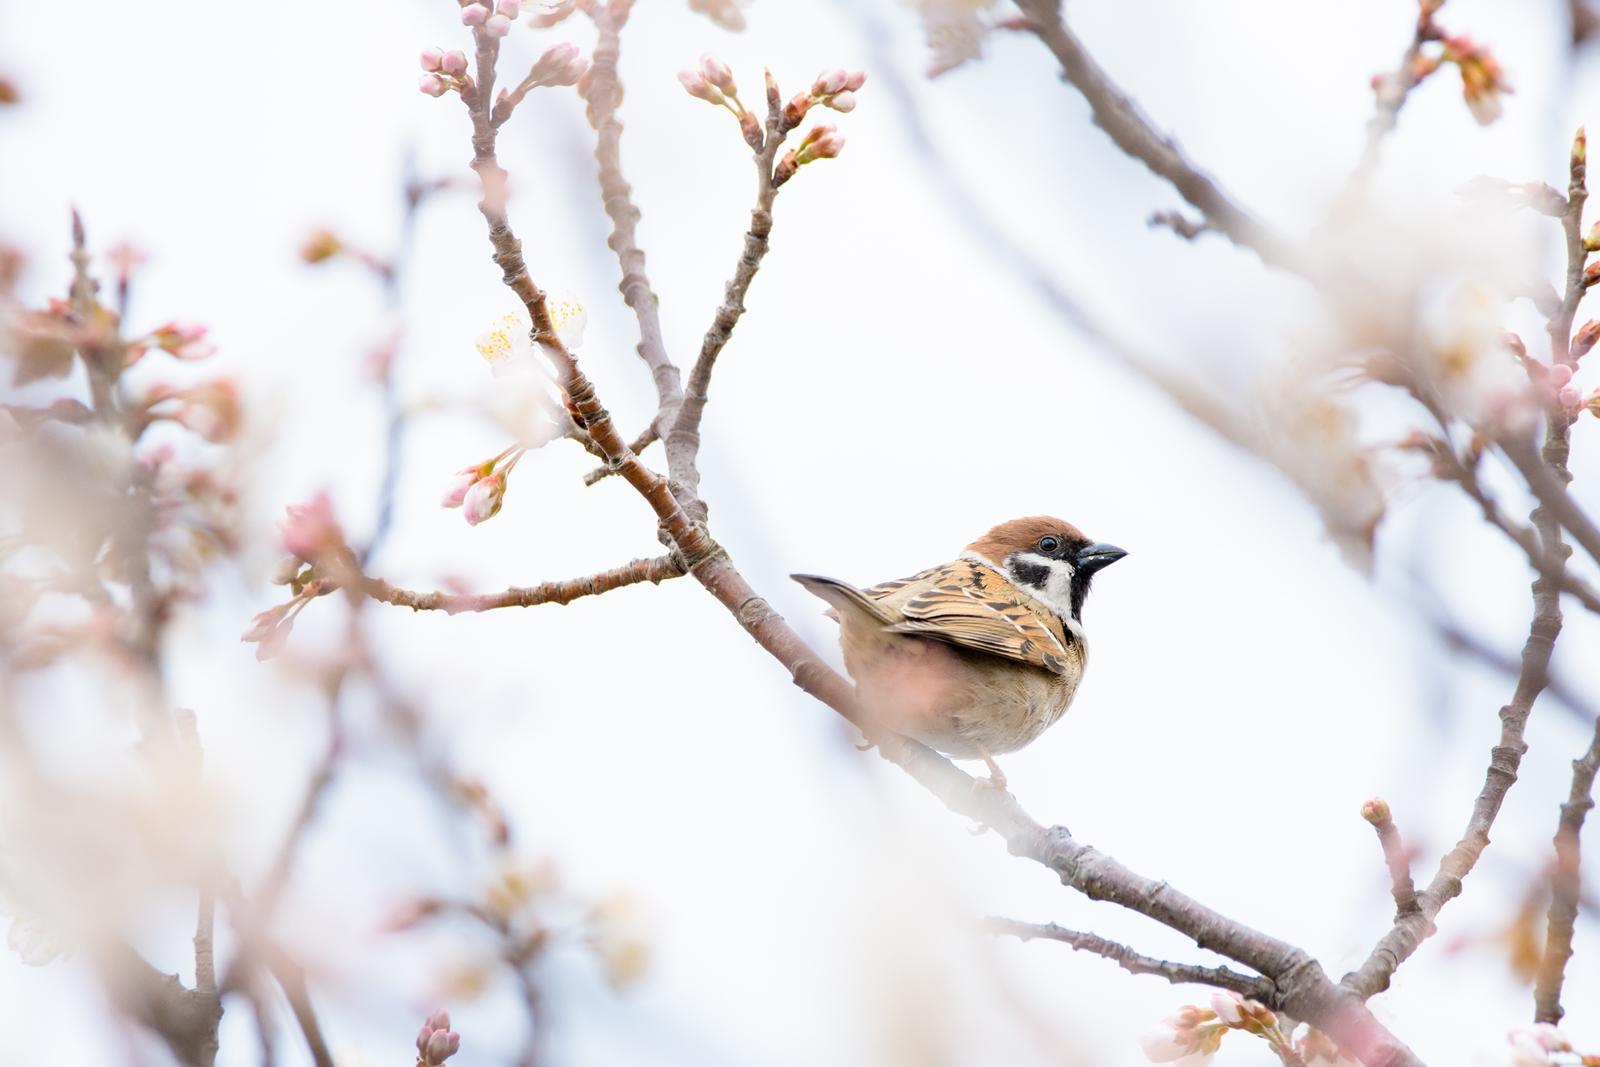 Photo: 「淡い春の訪れ」 / Visit of pale spring.  冷たい空気が 待ち焦がれた心と共に 周囲を静けさで包む 少し寂しい 淡い春の訪れ  sparrow. (スズメ)  Nikon D7200 SIGMA 150-600mm F5-6.3 DG OS HSM Contemporary  #birdphotography #birds #kawaii #小鳥 #nikon #sigma #小鳥グラファー  ( http://takafumiooshio.com/archives/1252 )